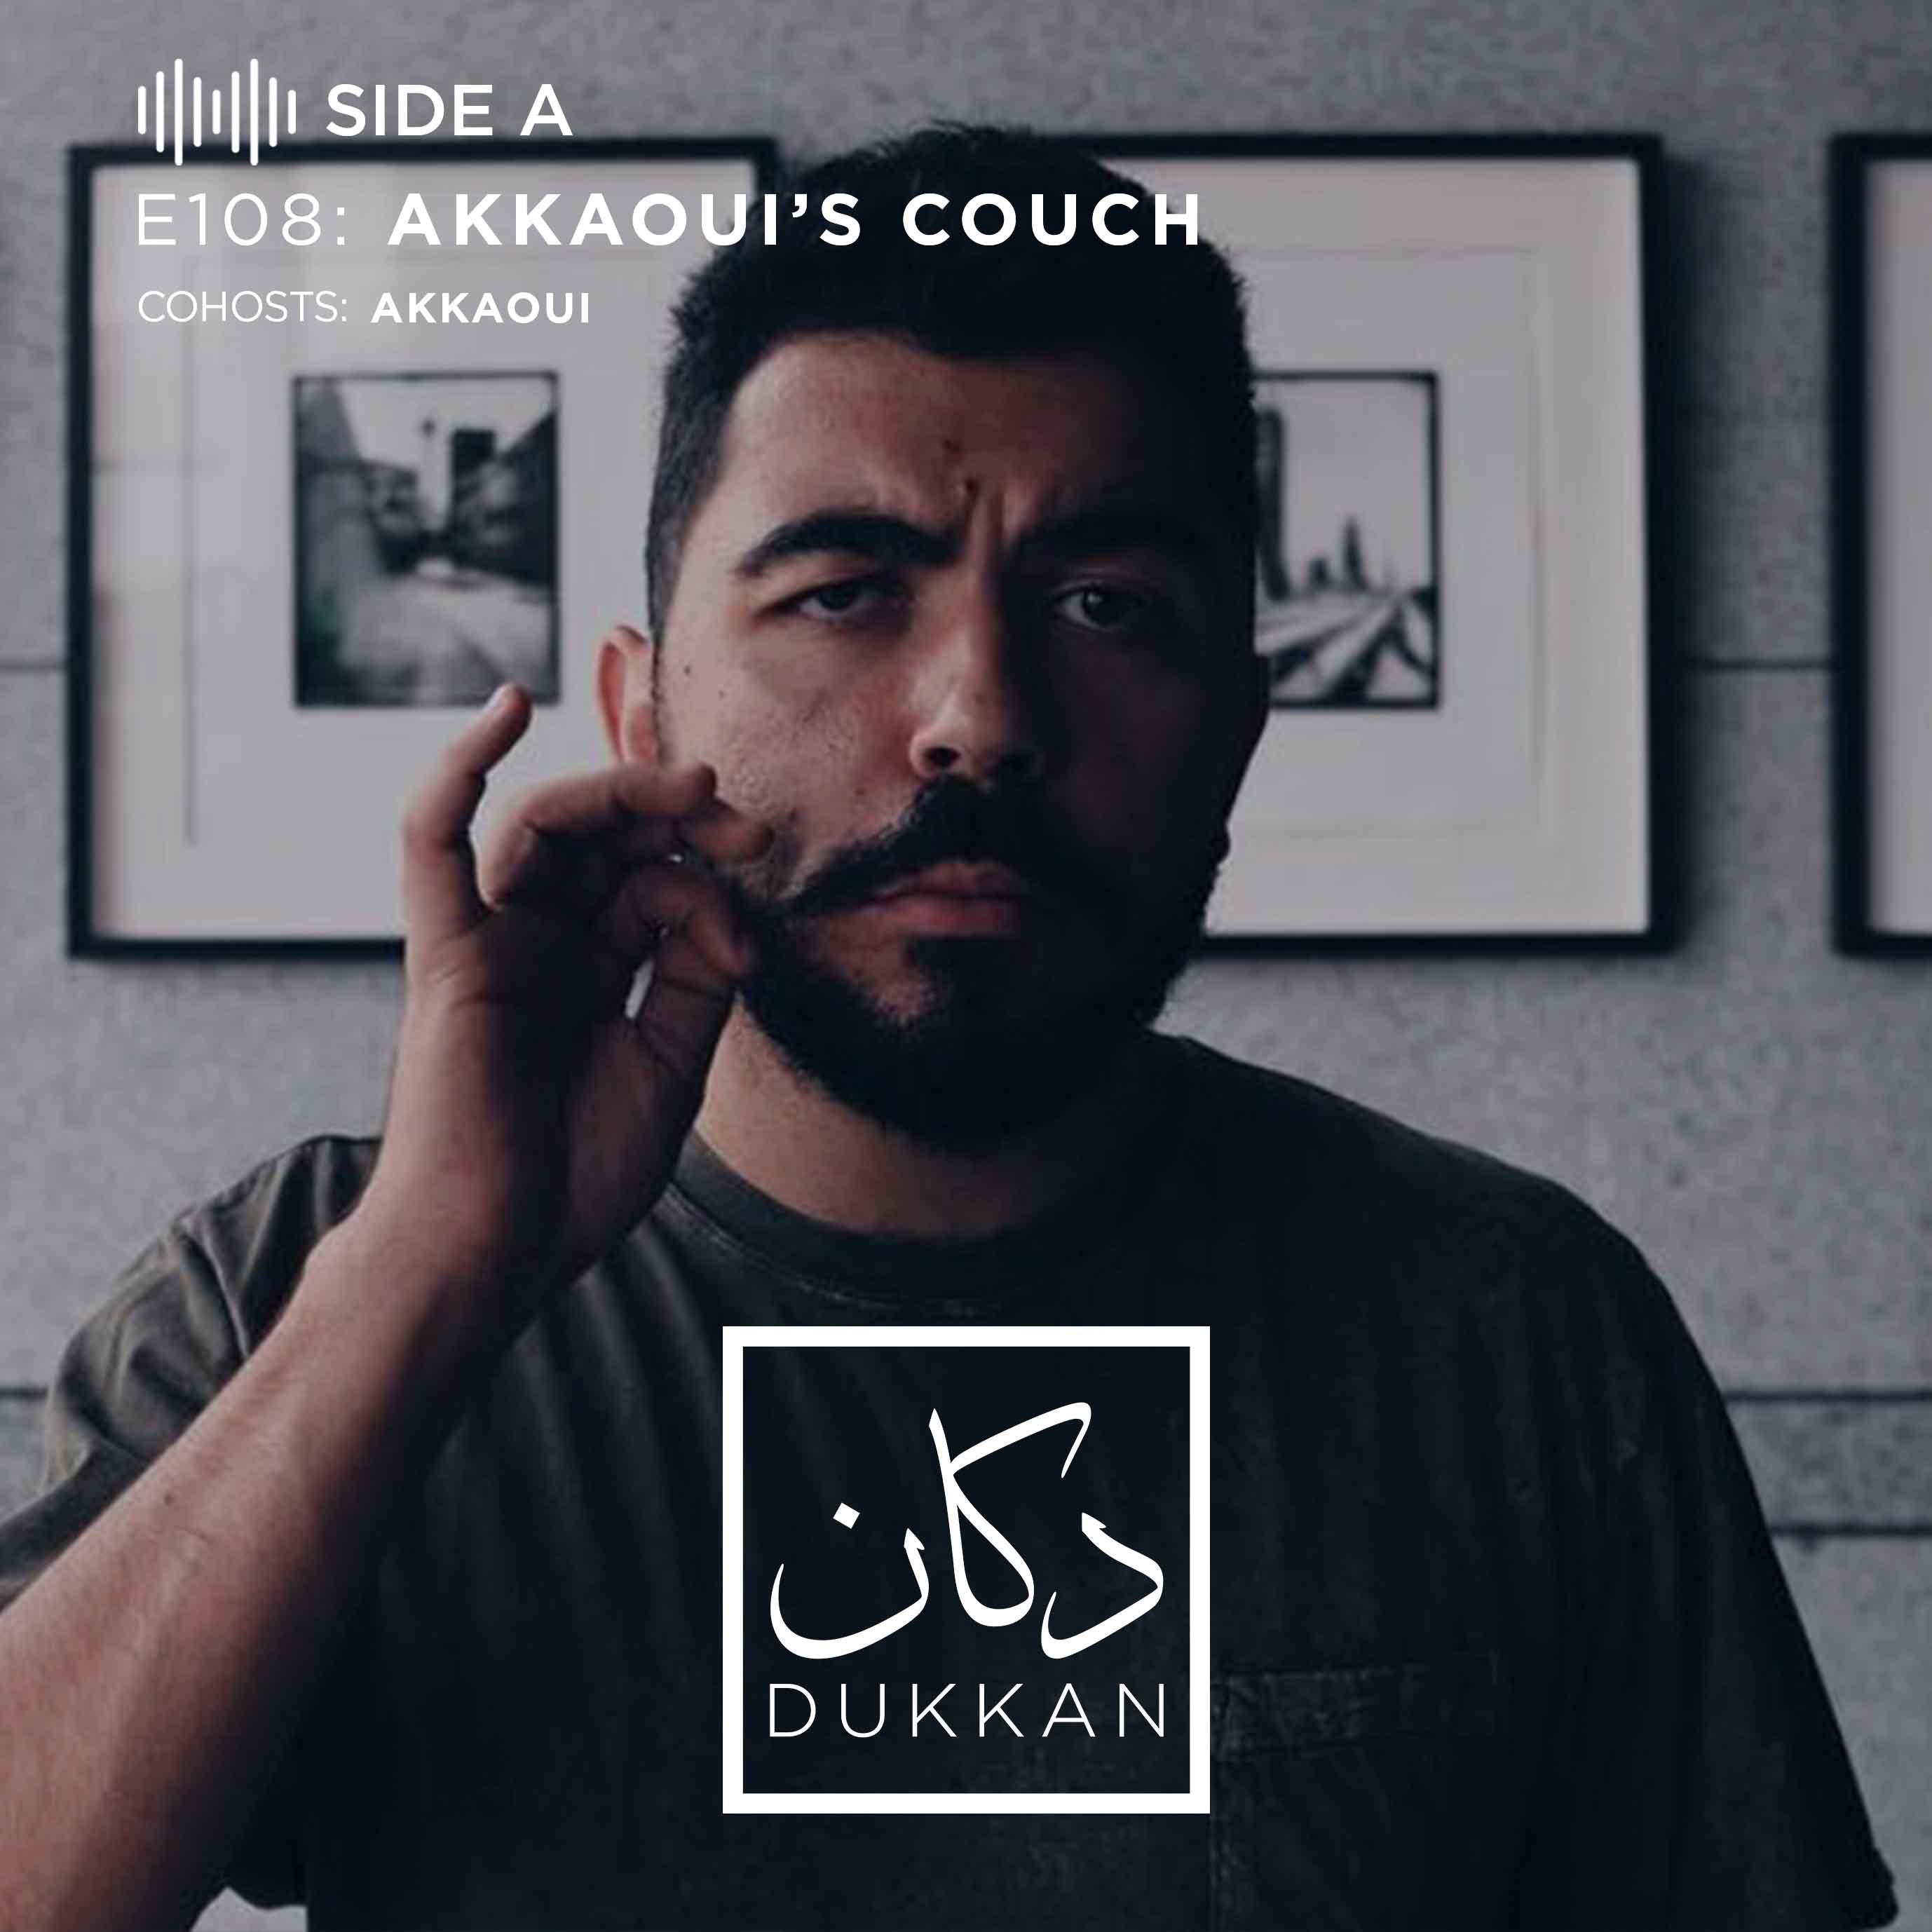 E108 - Side A: Akkaoui's Couch (Cohost: Akkaoui)